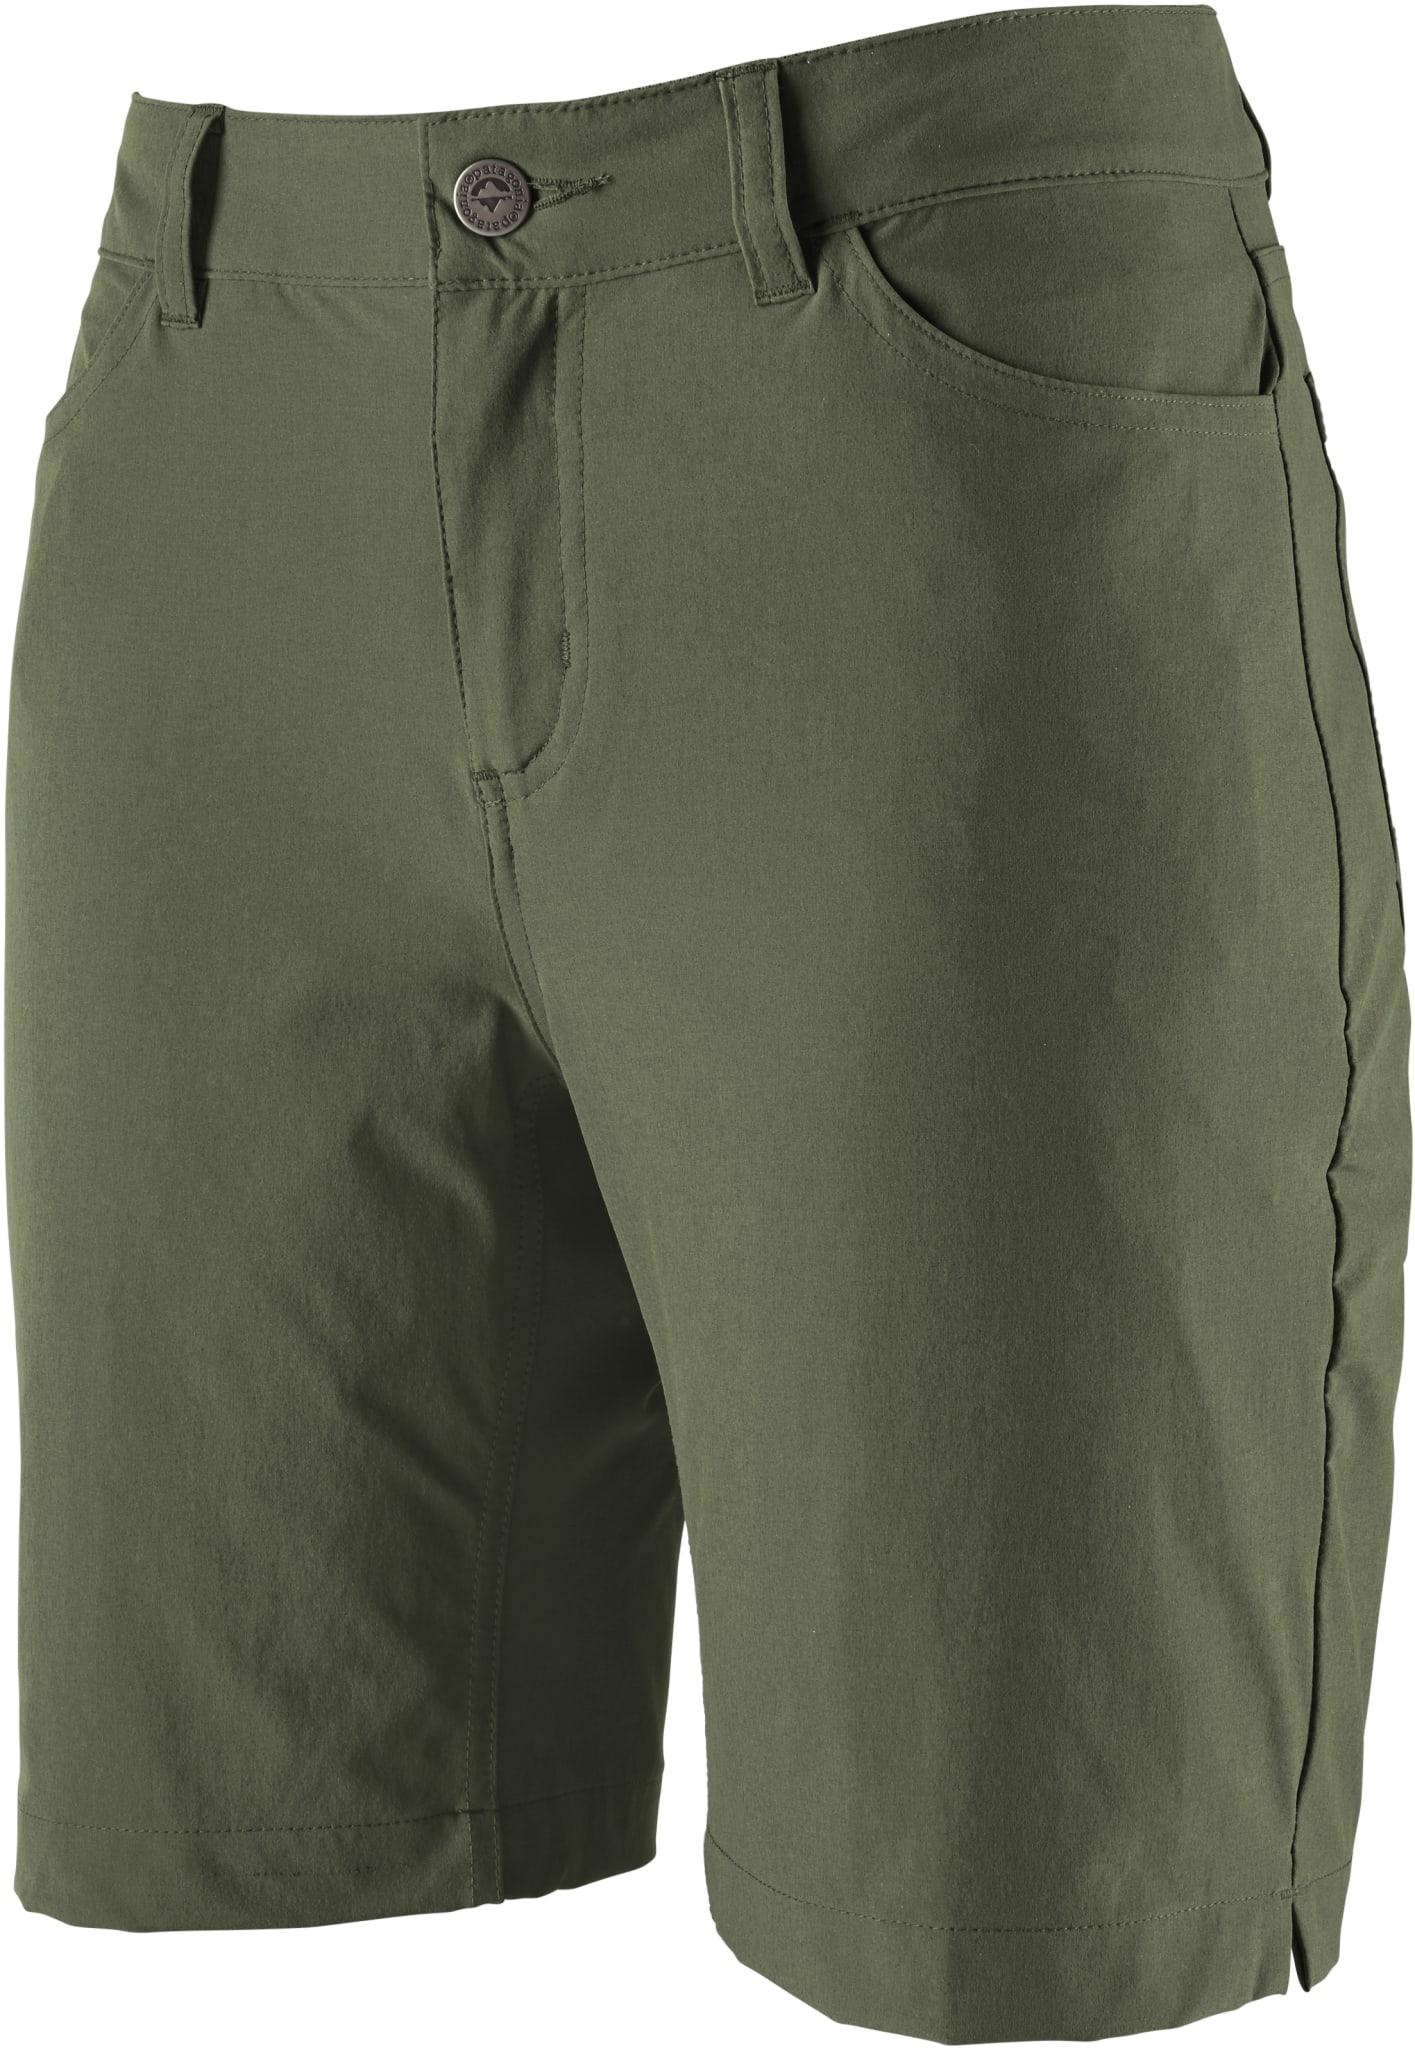 Lett og behagelig shorts til tur og reise